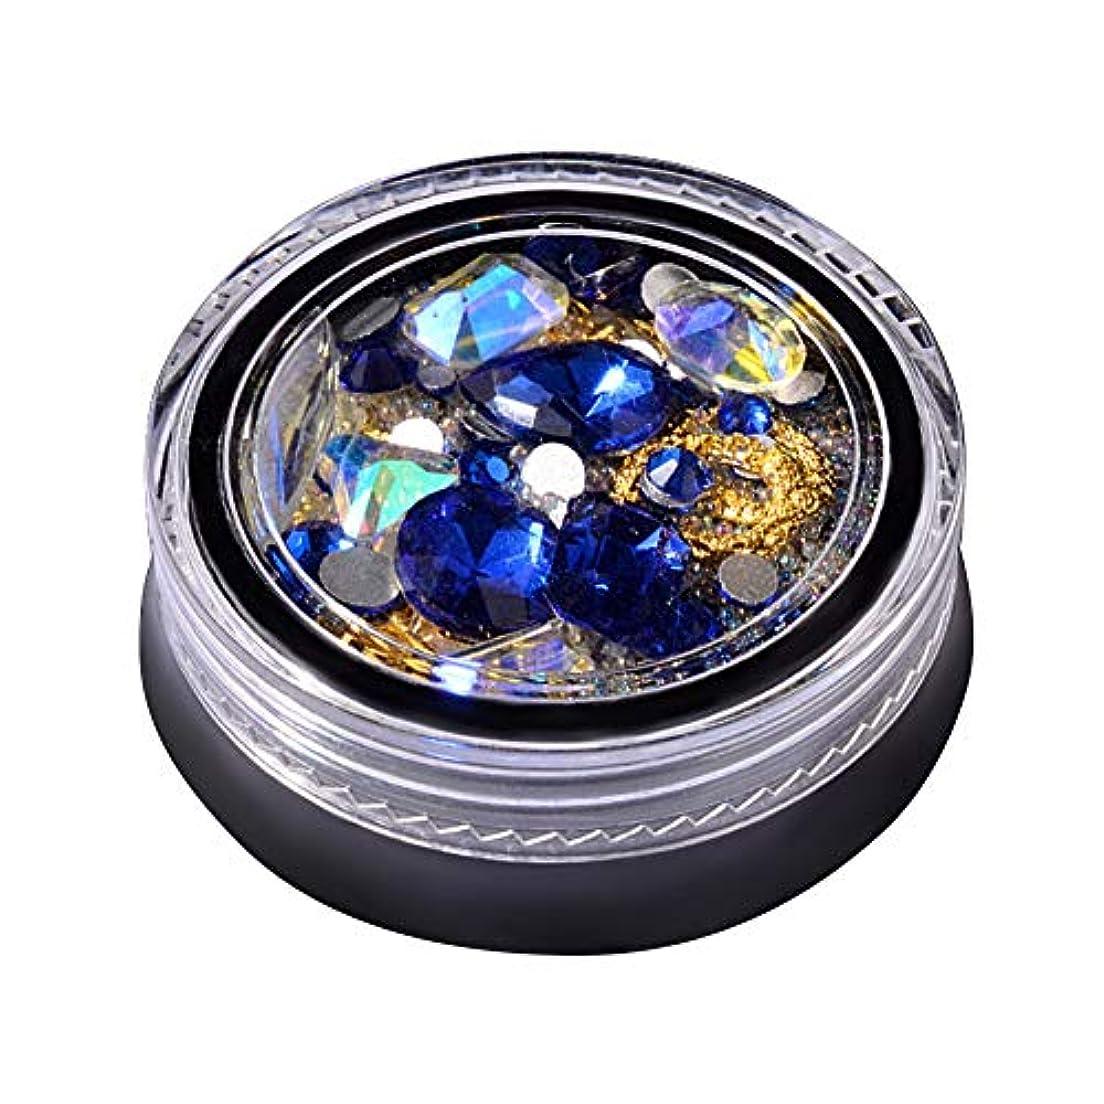 分析的虐殺厚くするネイルジュエリーネイルダイヤモンド形の多面的な創造的な装飾的な模造ダイヤモンドドリルダイヤモンドは青のDIYネイルアートツールセットの小道具